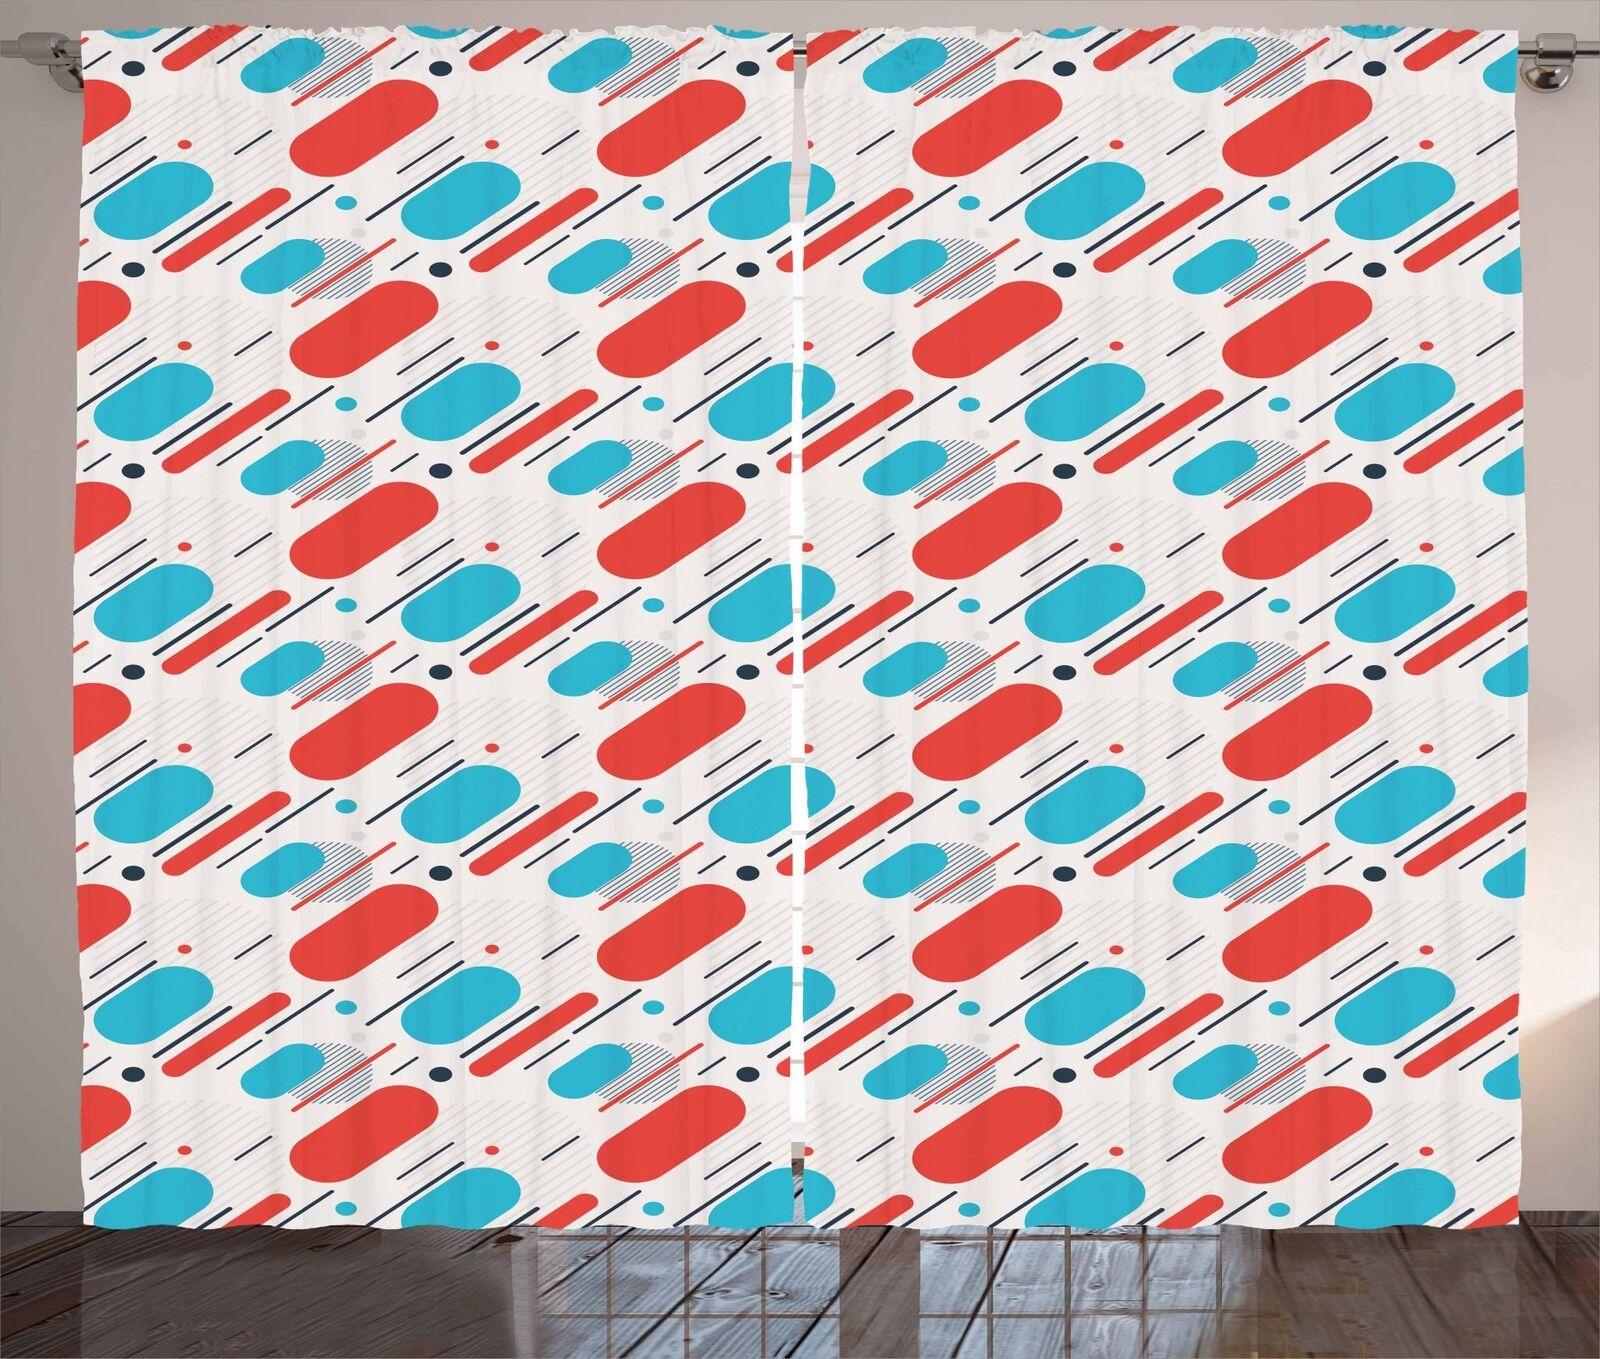 Antique Geometry Curtains 2 Panel Set Decoration 5 Größes Window Drapes